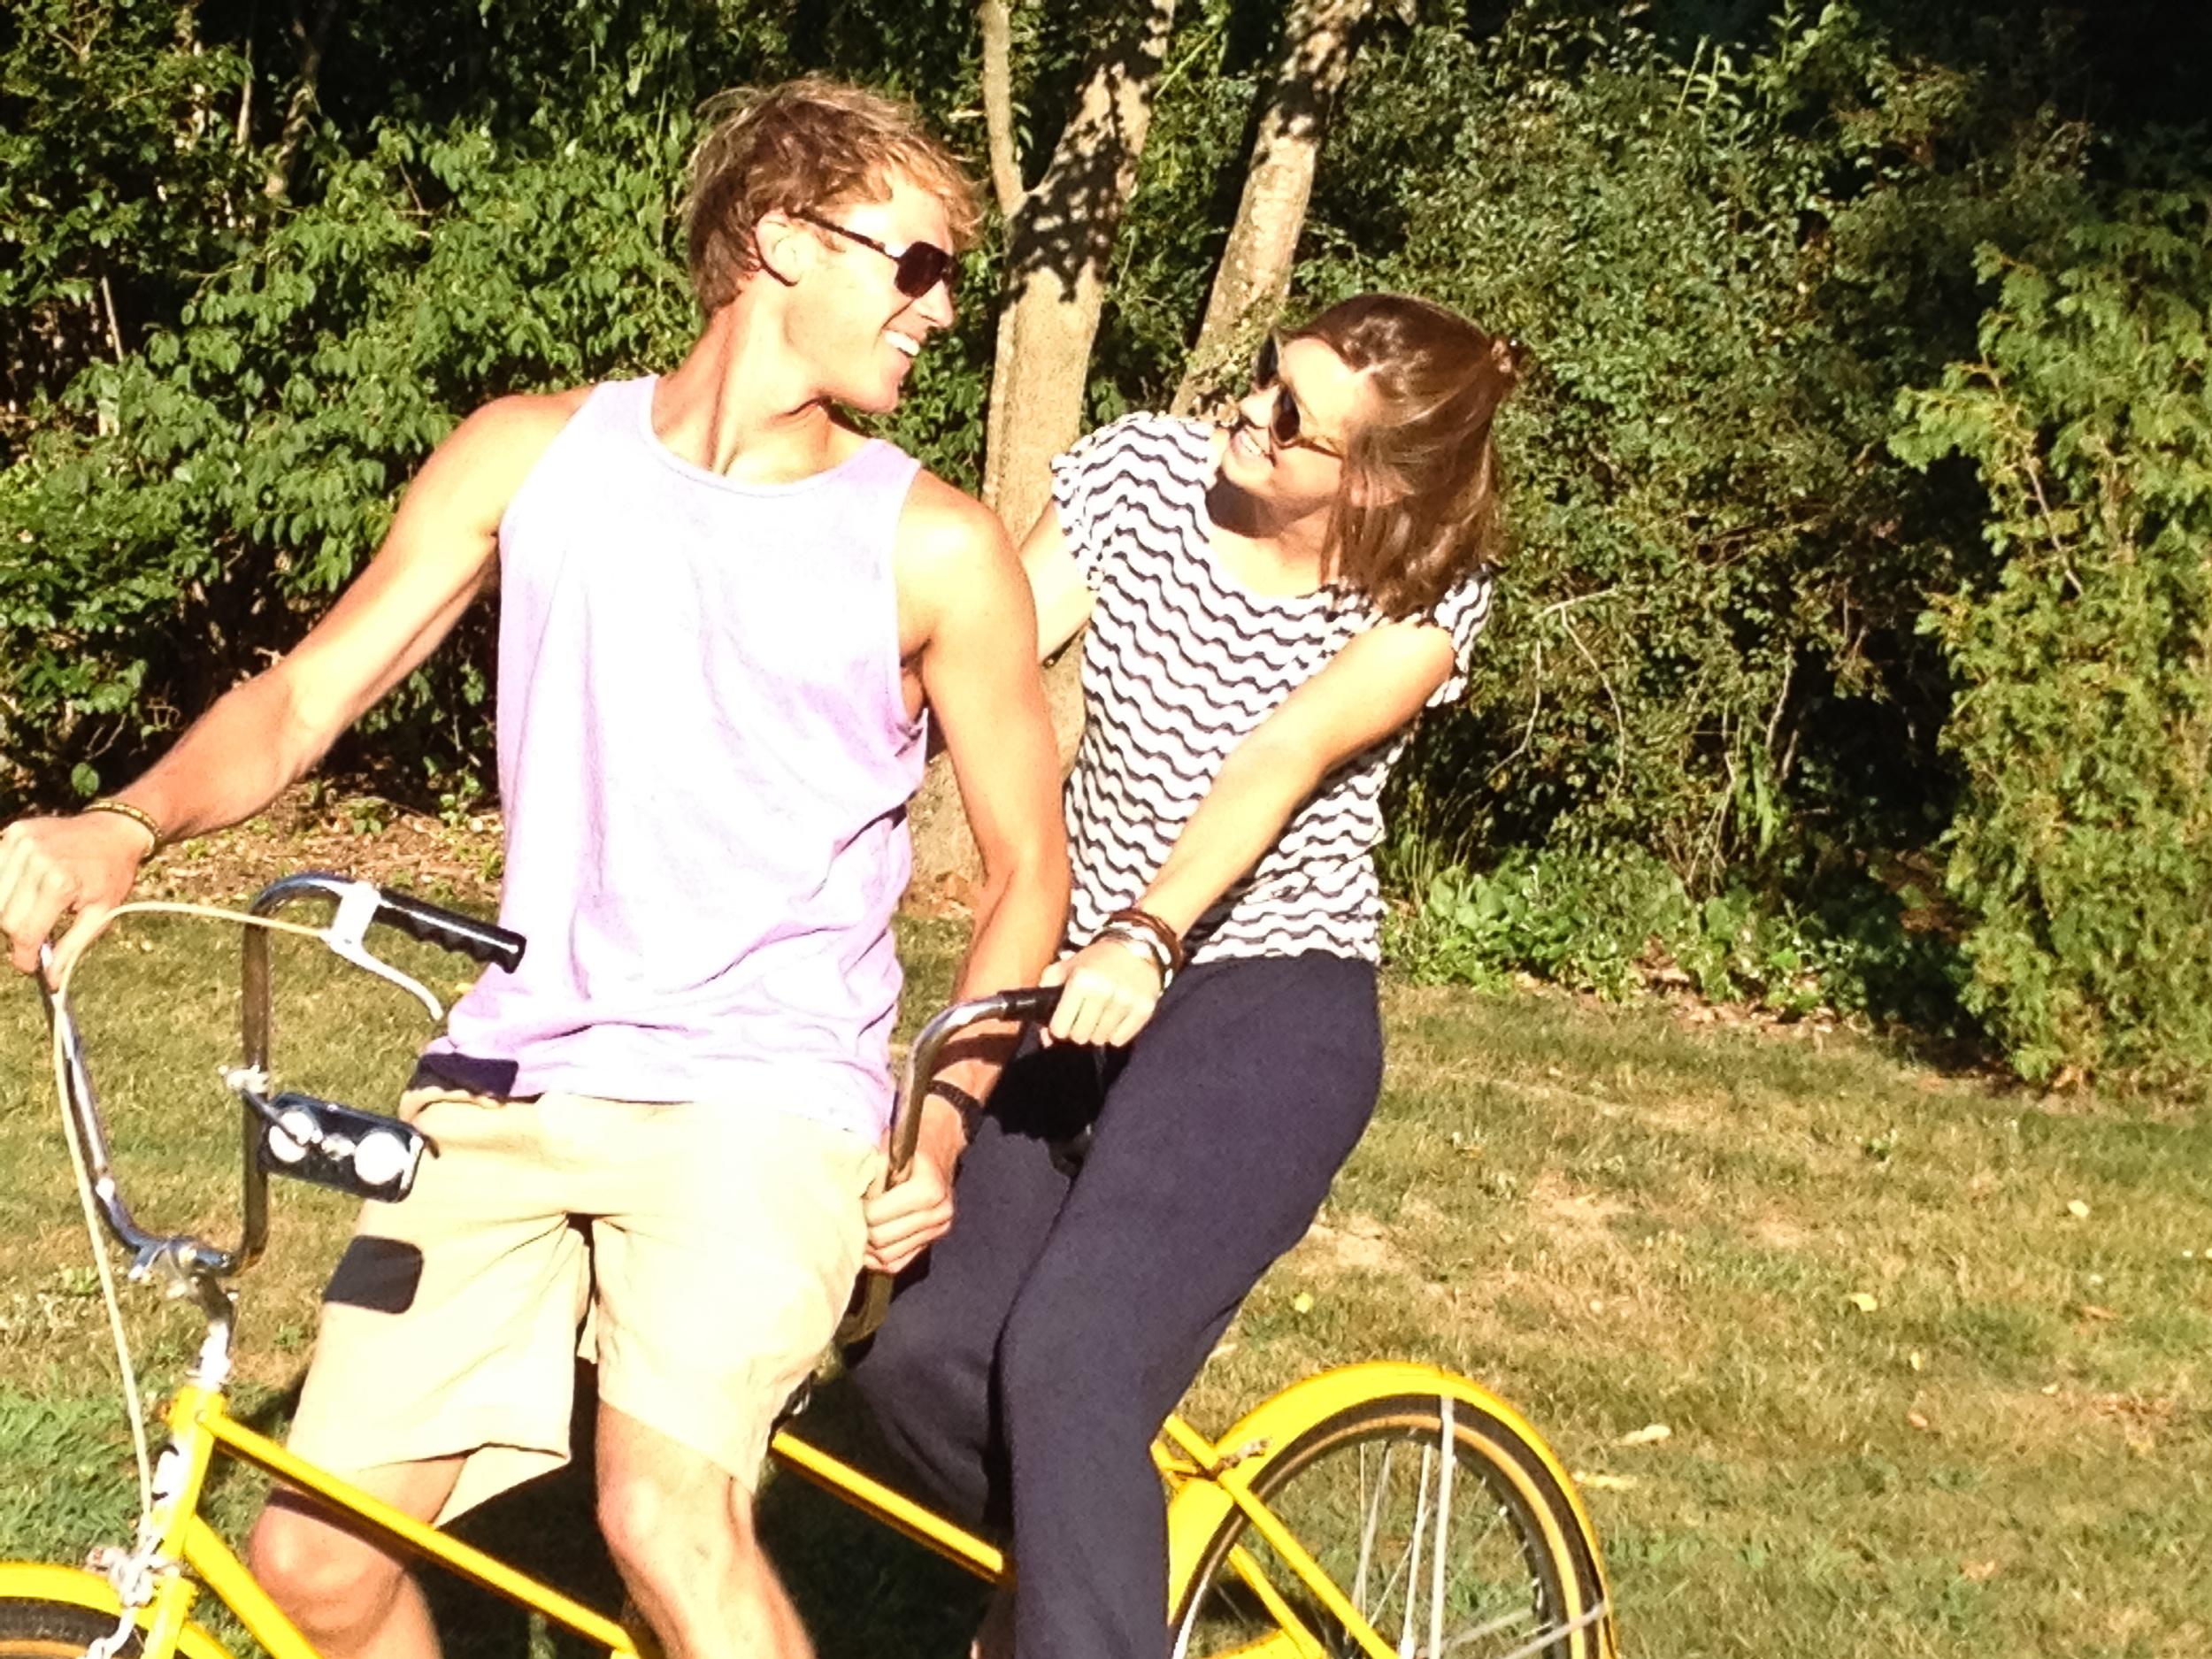 nate caroline tandem bike alue optics nine two sunglasses